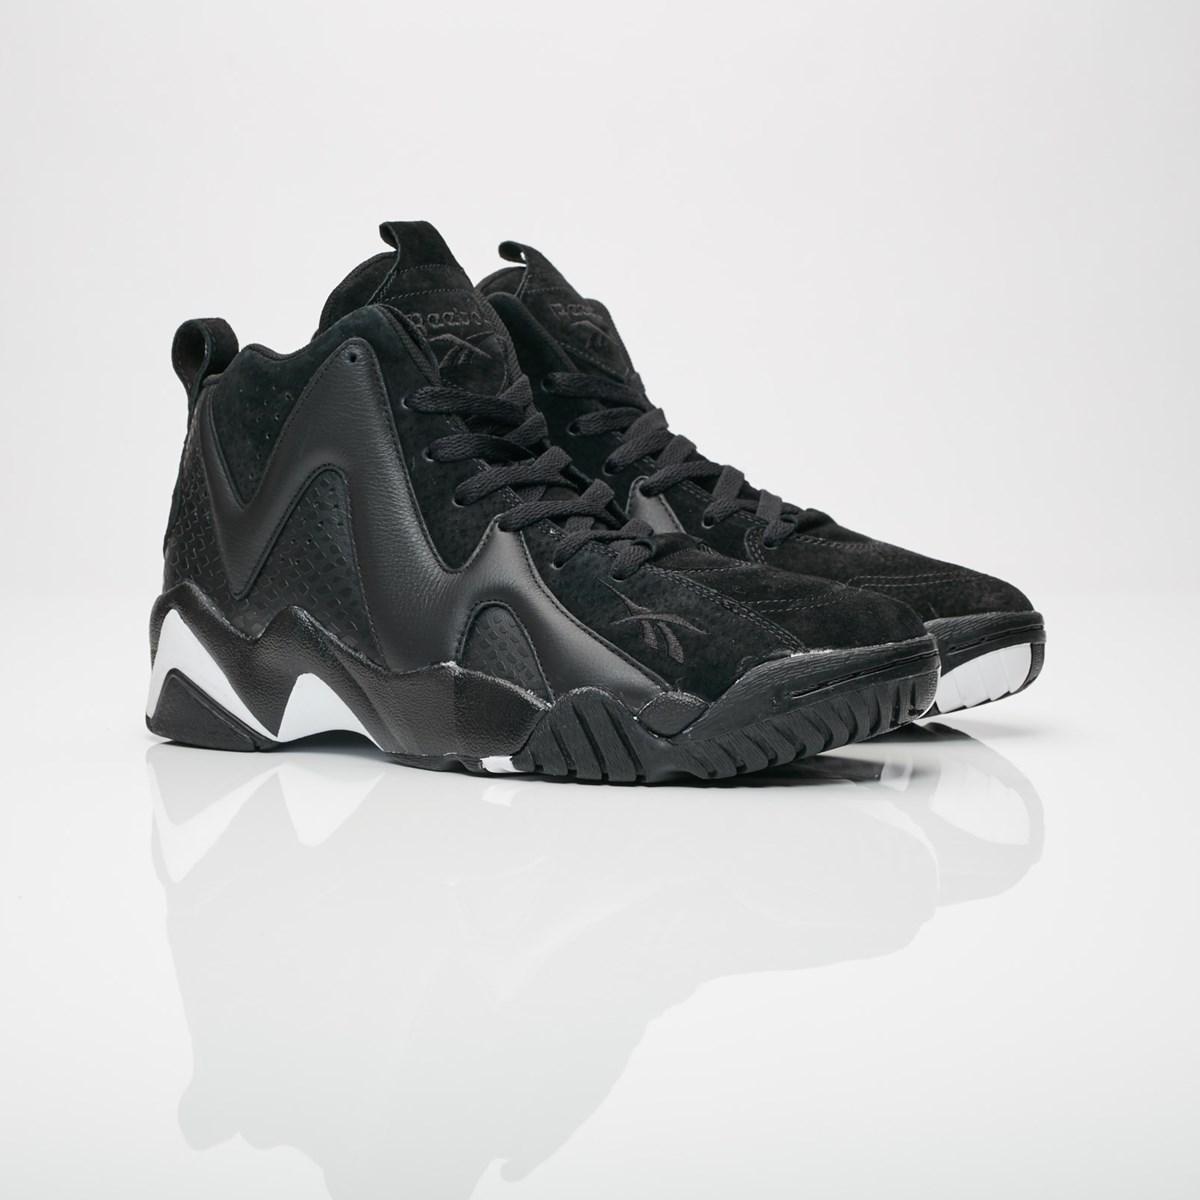 b43daeed60e reebok kamikaze ii atl lax cm9416 sneakers   streetwear på nätet sen 1999